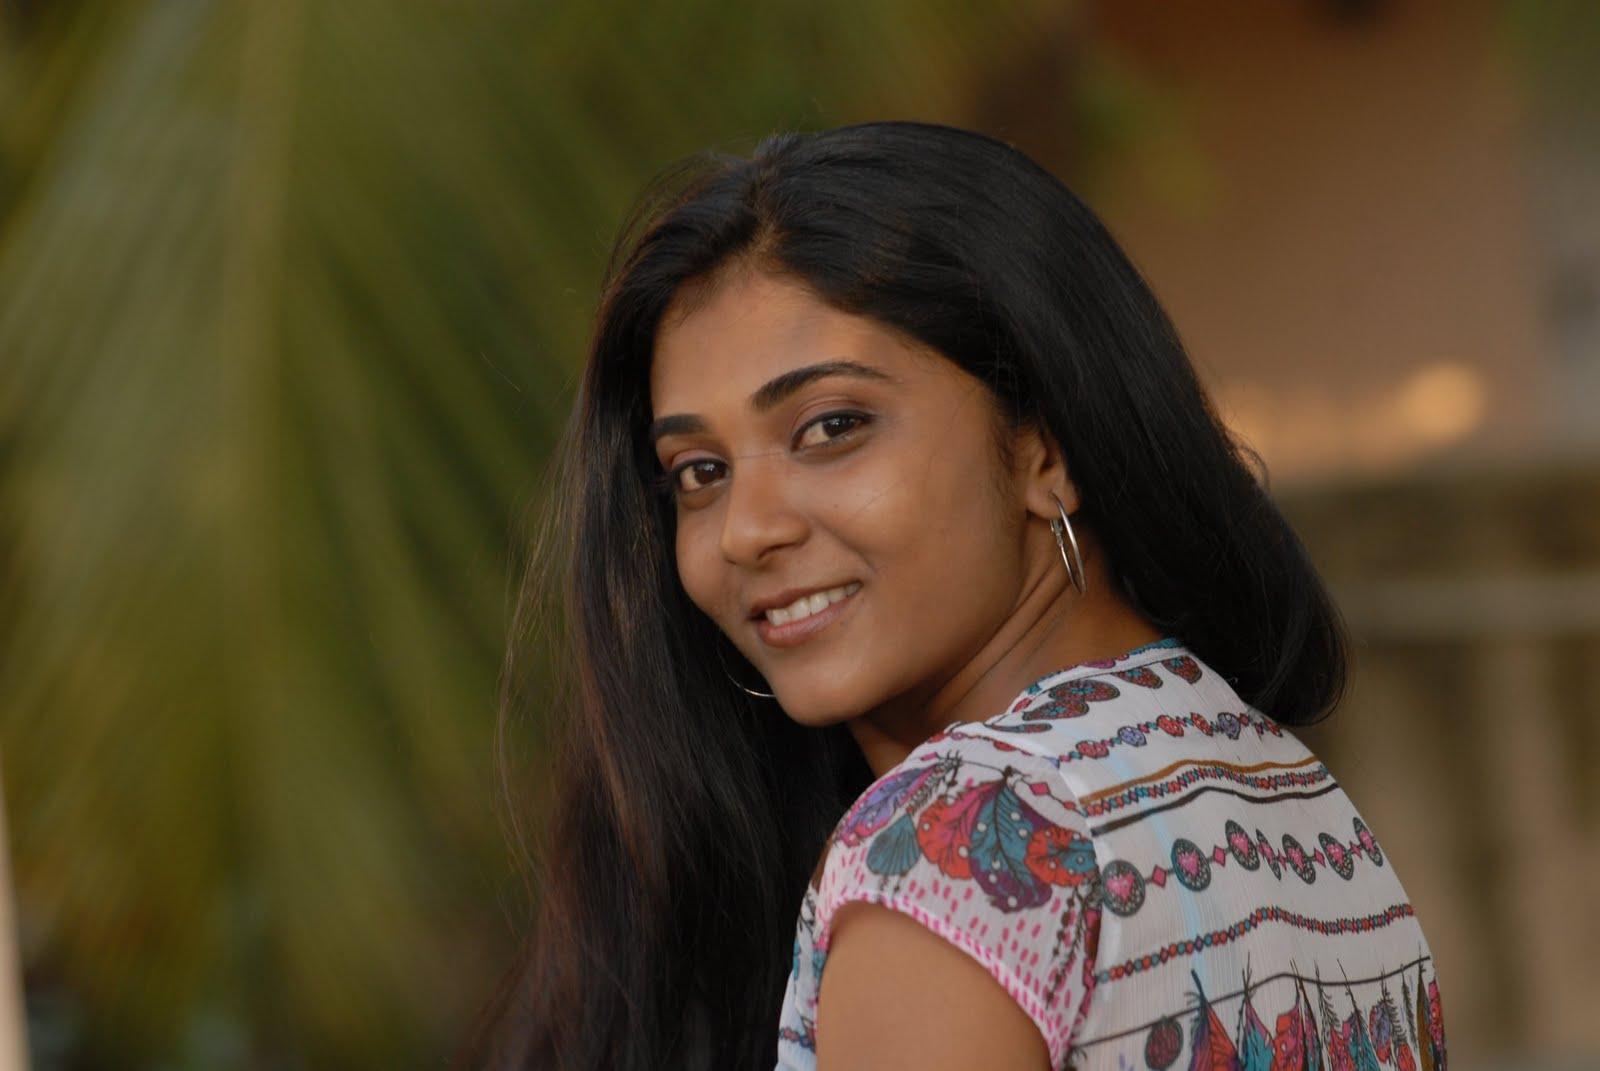 VJ Archana (Raja Rani 2) Real name Images, Biography, Wiki